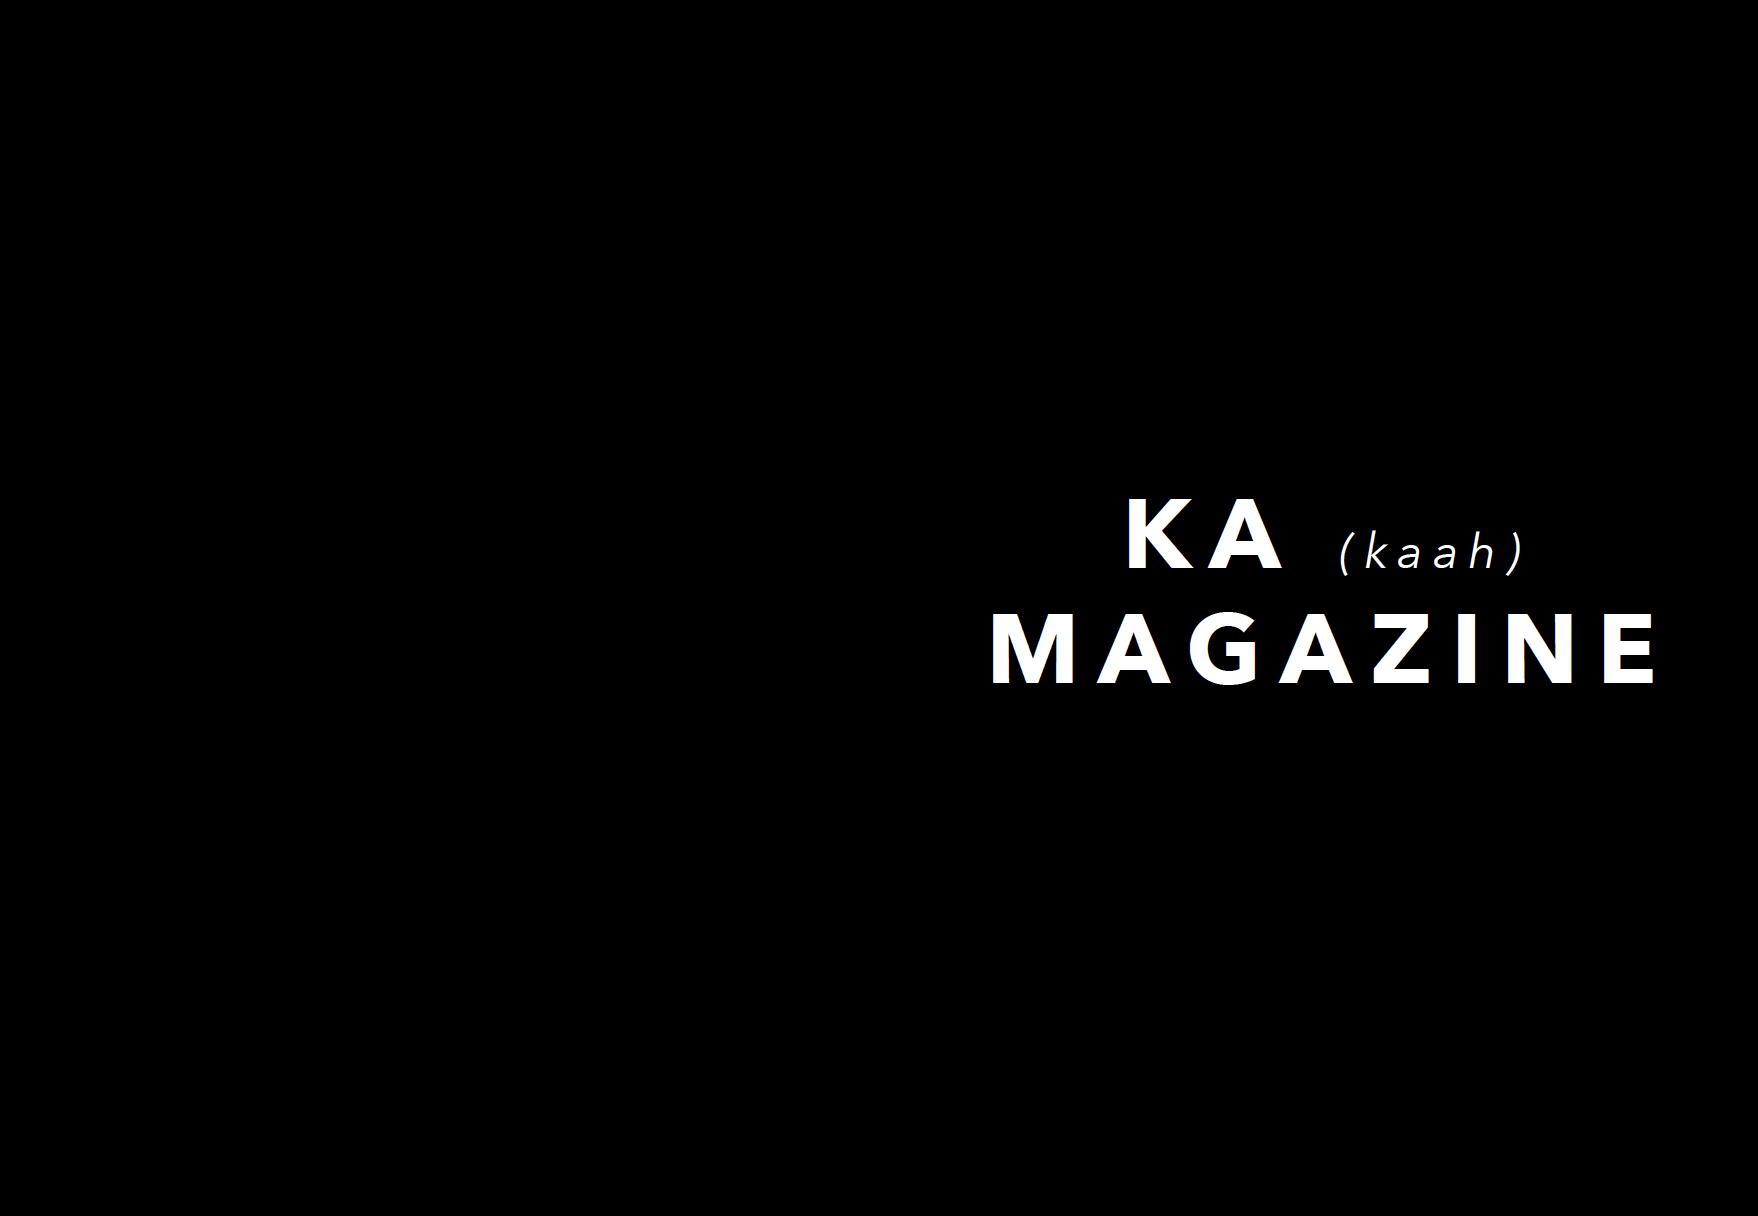 KAMAGAZINE1